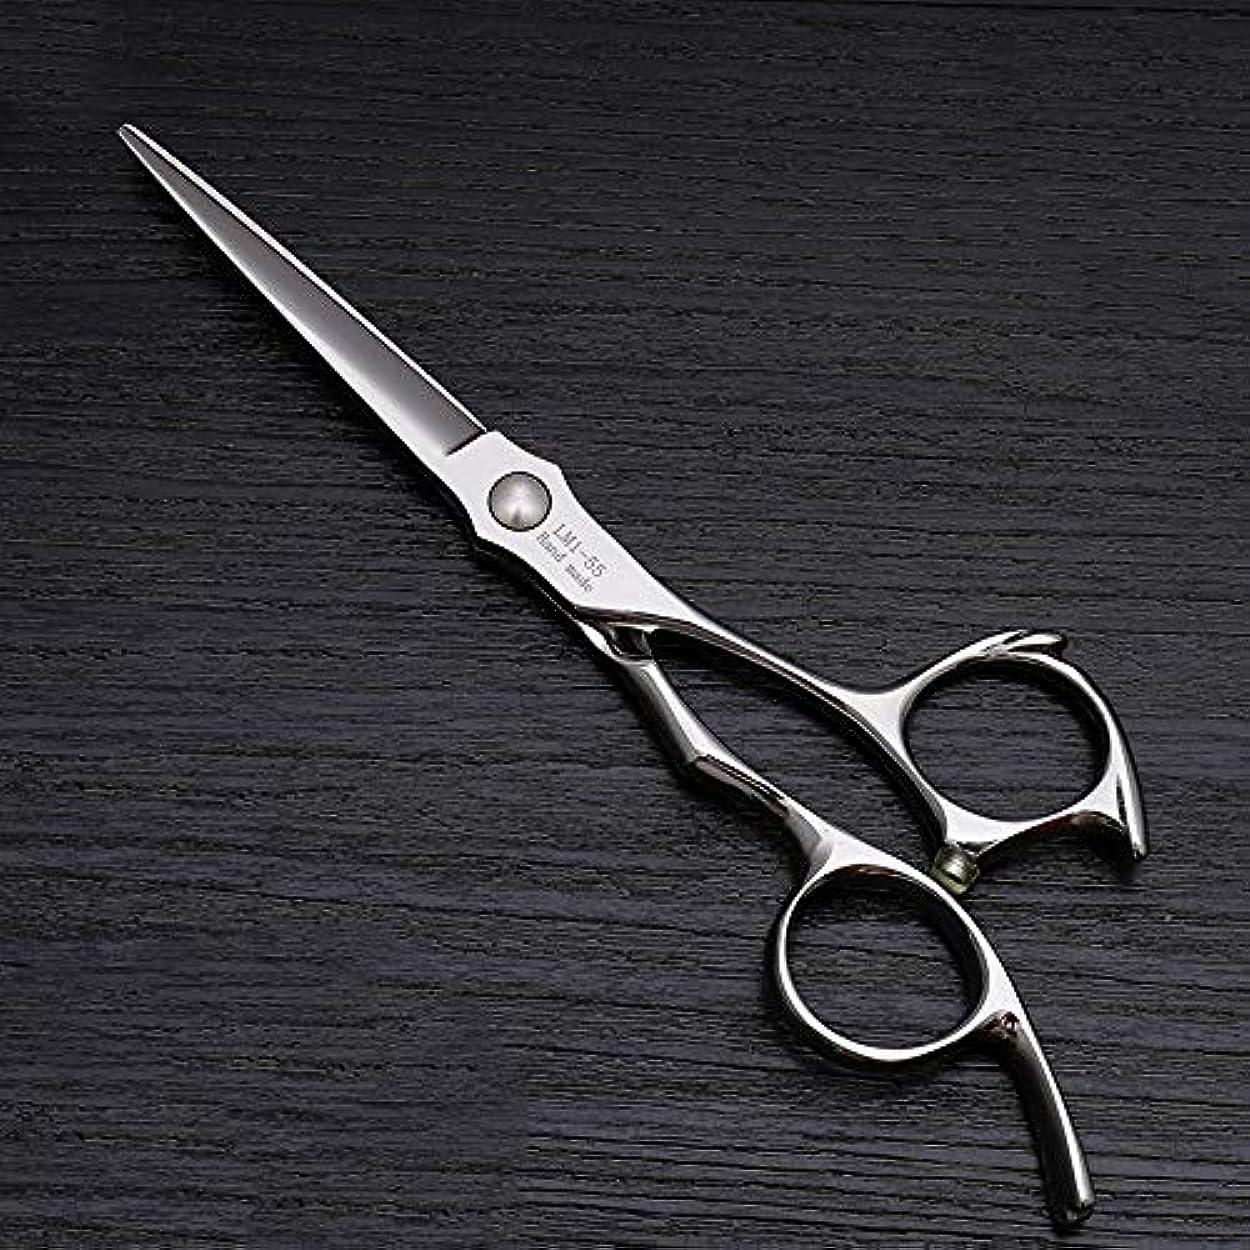 効果フォーマット甘やかすHairdressing 5.5インチのヘアカットフラットはさみハイエンドの美容院特別なヘアカットの仕上げはさみヘアカットはさみステンレス理髪はさみ (色 : Silver)